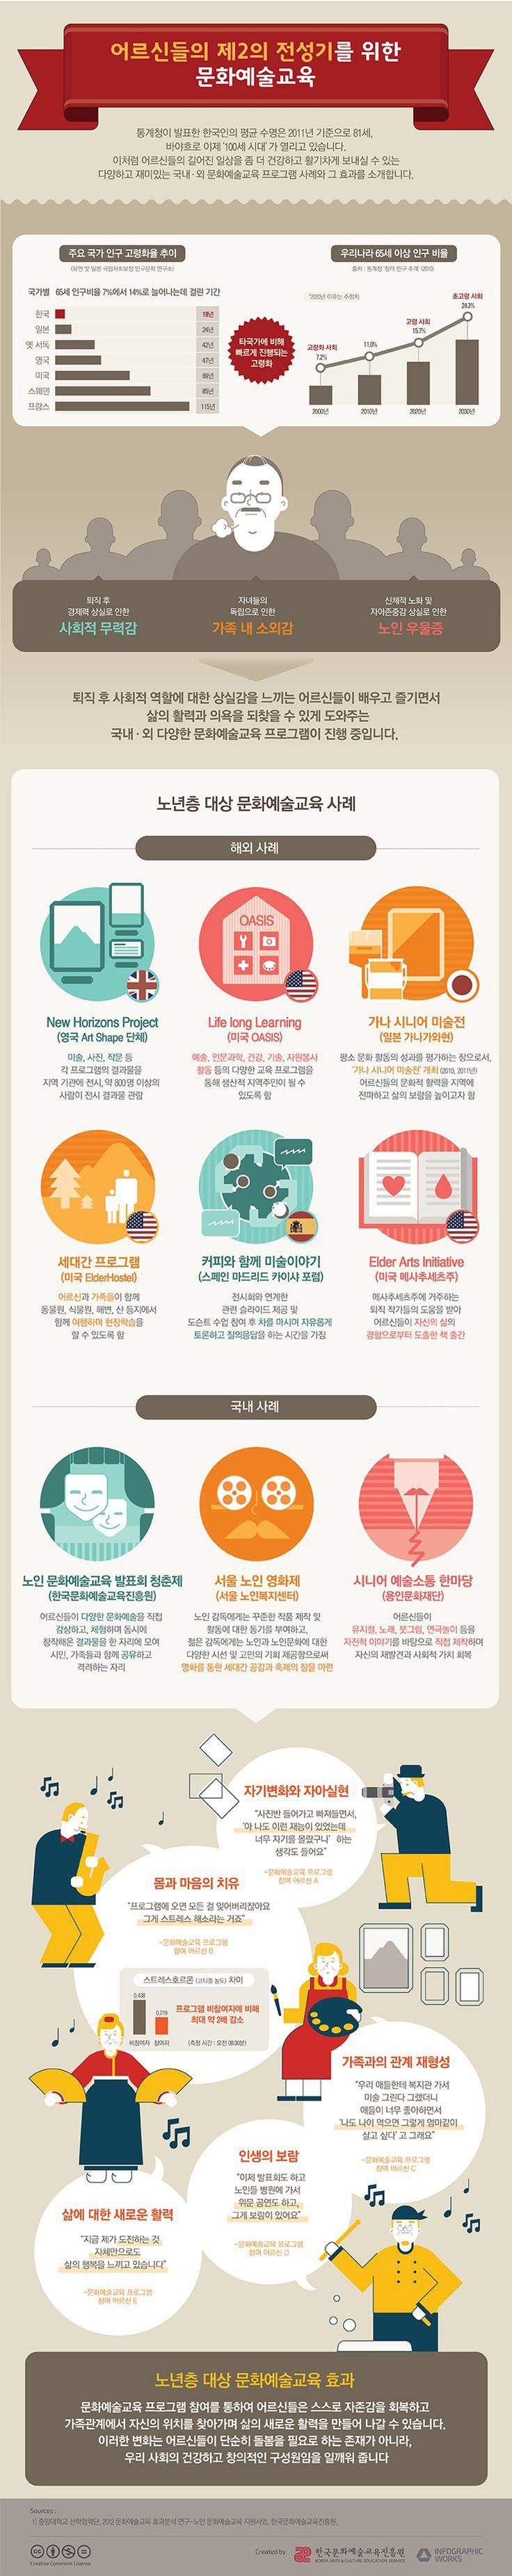 한국문화예술교육진흥원, 노인 대상 문화예술교육 '활발' [인포그래픽] #SeniorEducation / #Infographic ⓒ 비주얼다이브 무단 복사·전재·재배포 금지